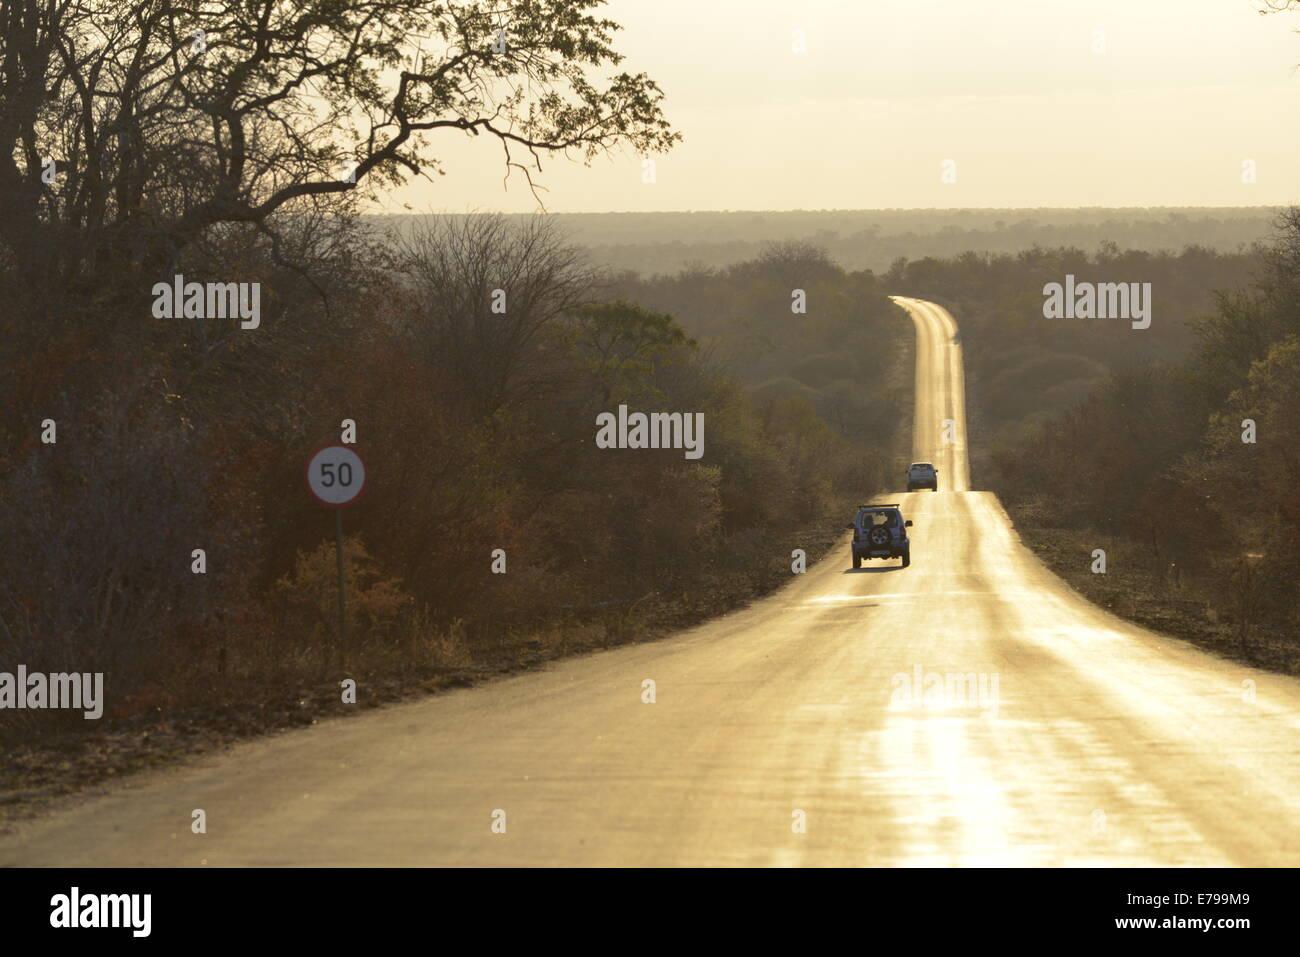 Juego de visualización a larga y serpenteante carretera al atardecer, el Parque Nacional Kruger, Sudáfrica Imagen De Stock